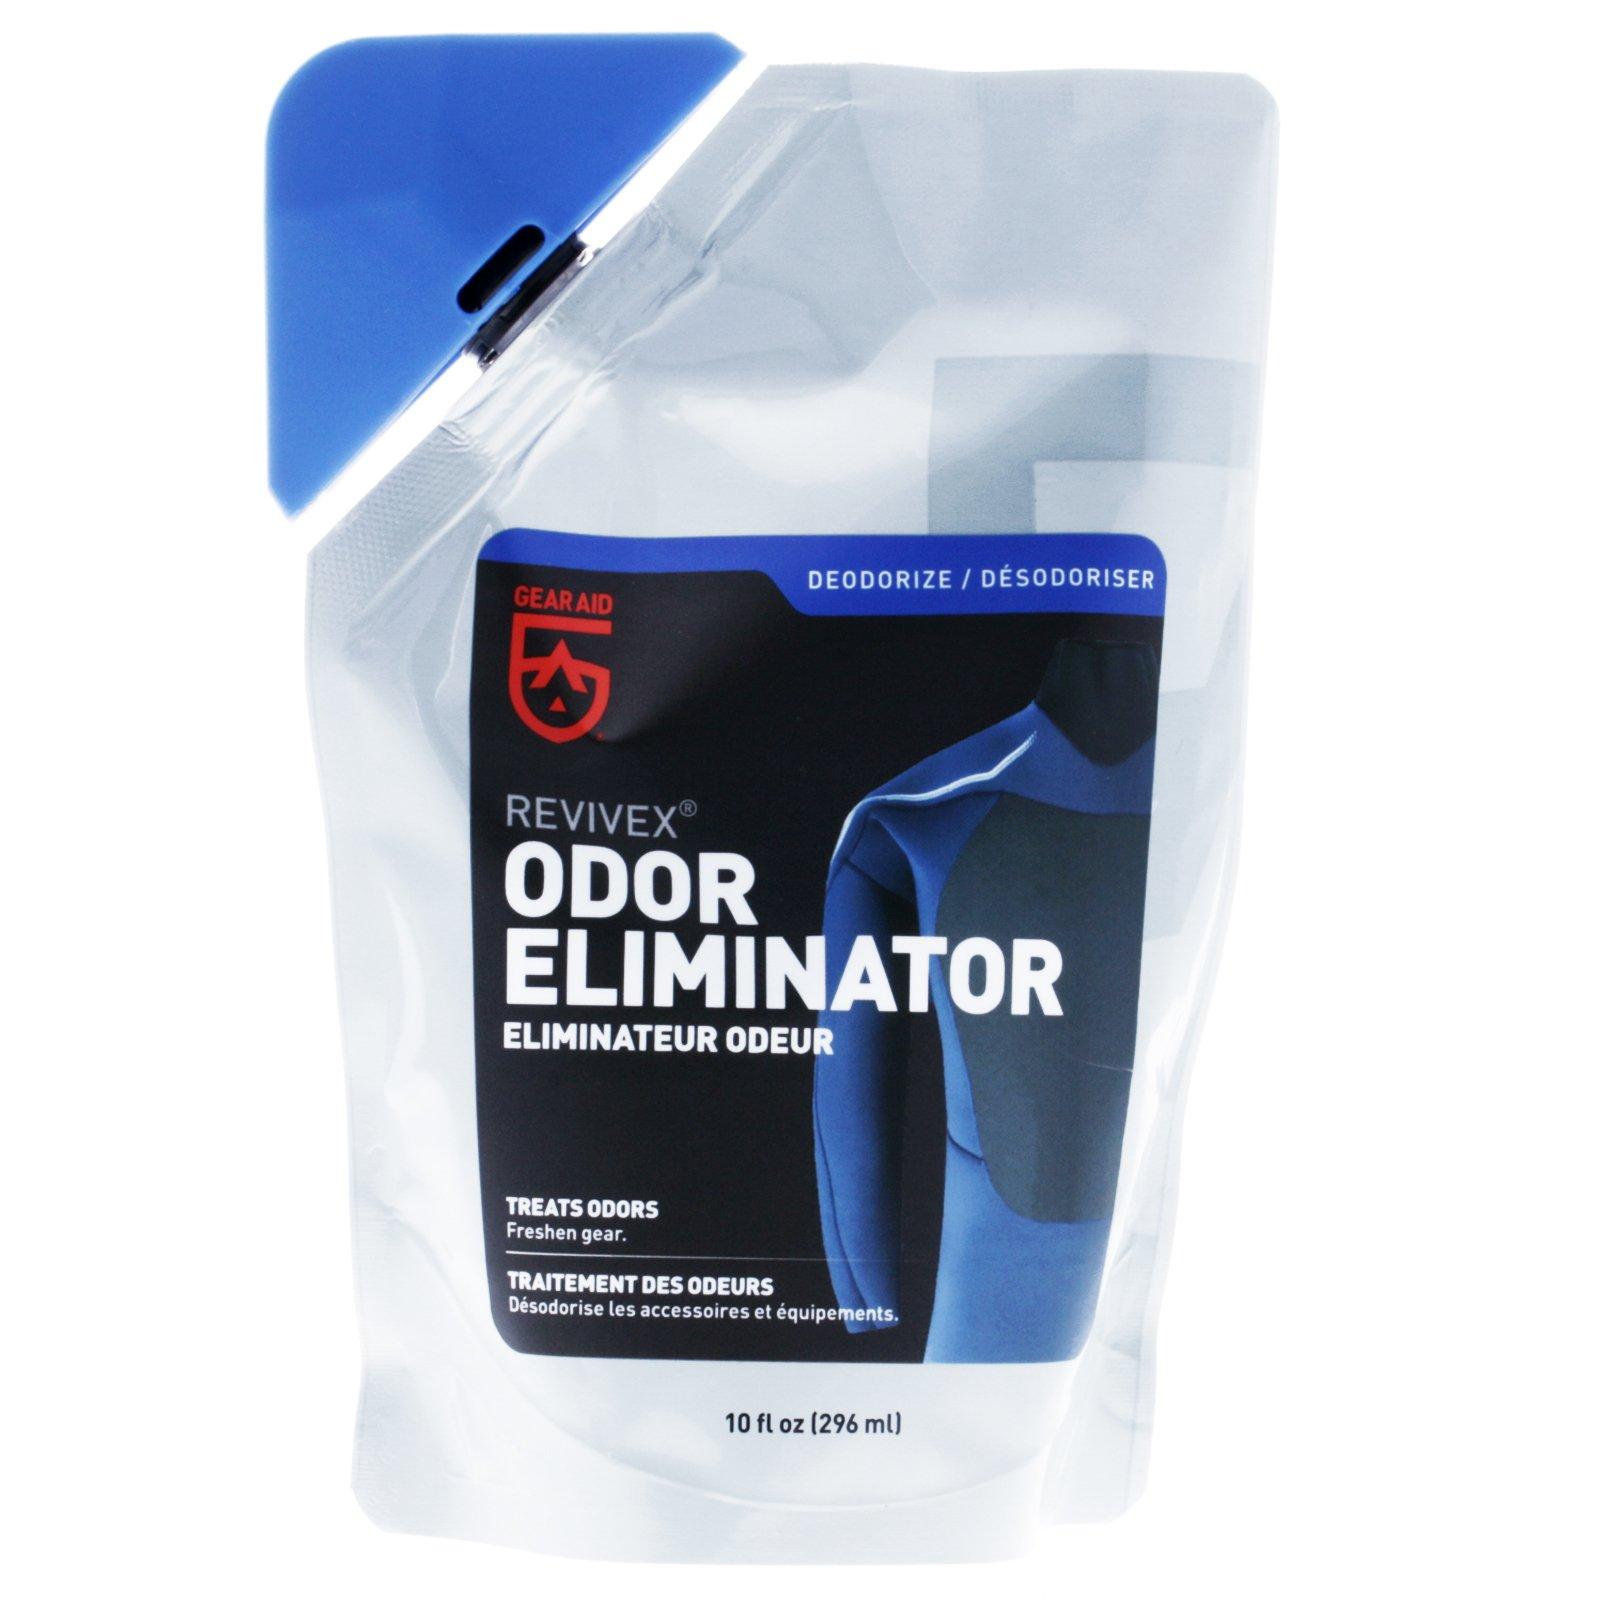 Gear Aid M Essentials Mirazyme Enzyme-Based Odor Eliminator, 8oz